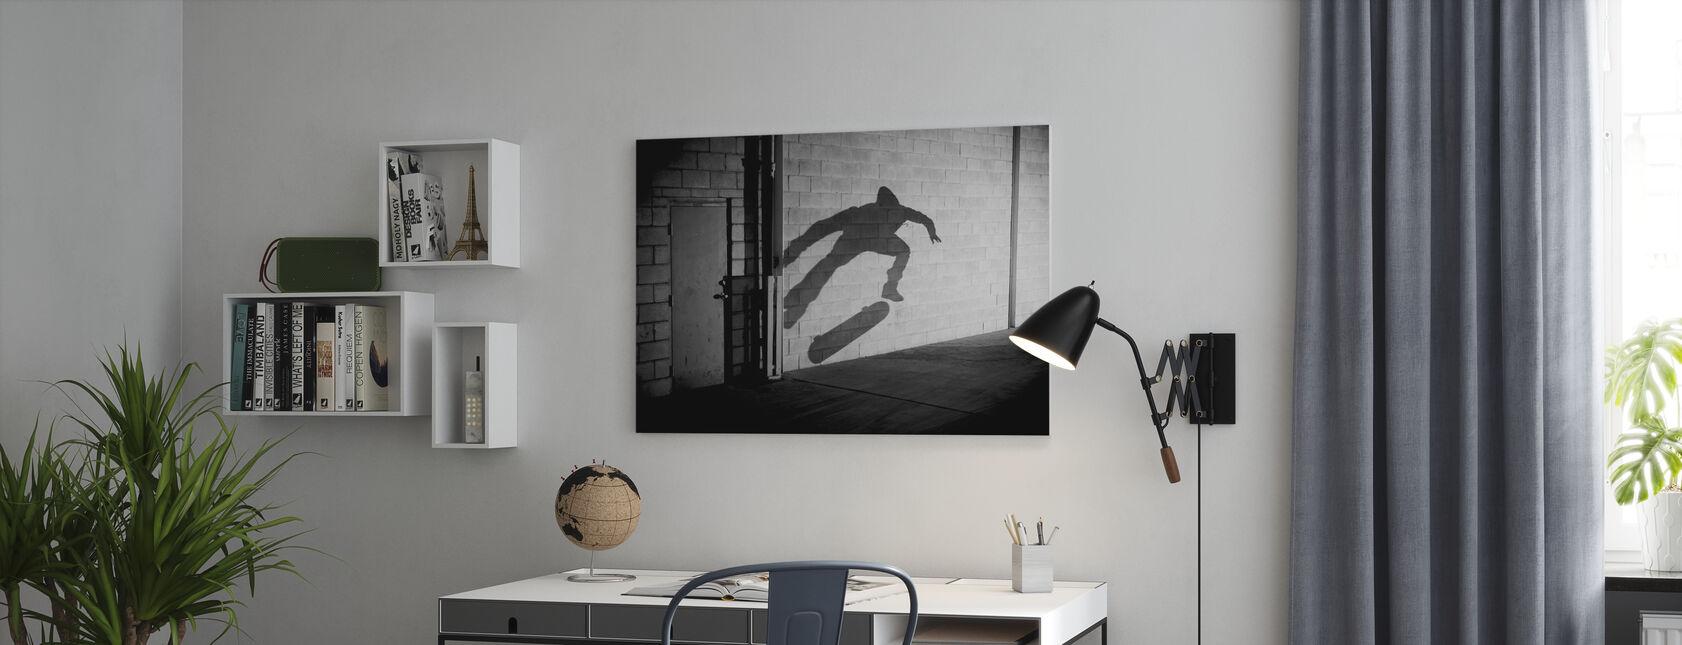 Shadow Skateboarder - Impression sur toile - Bureau